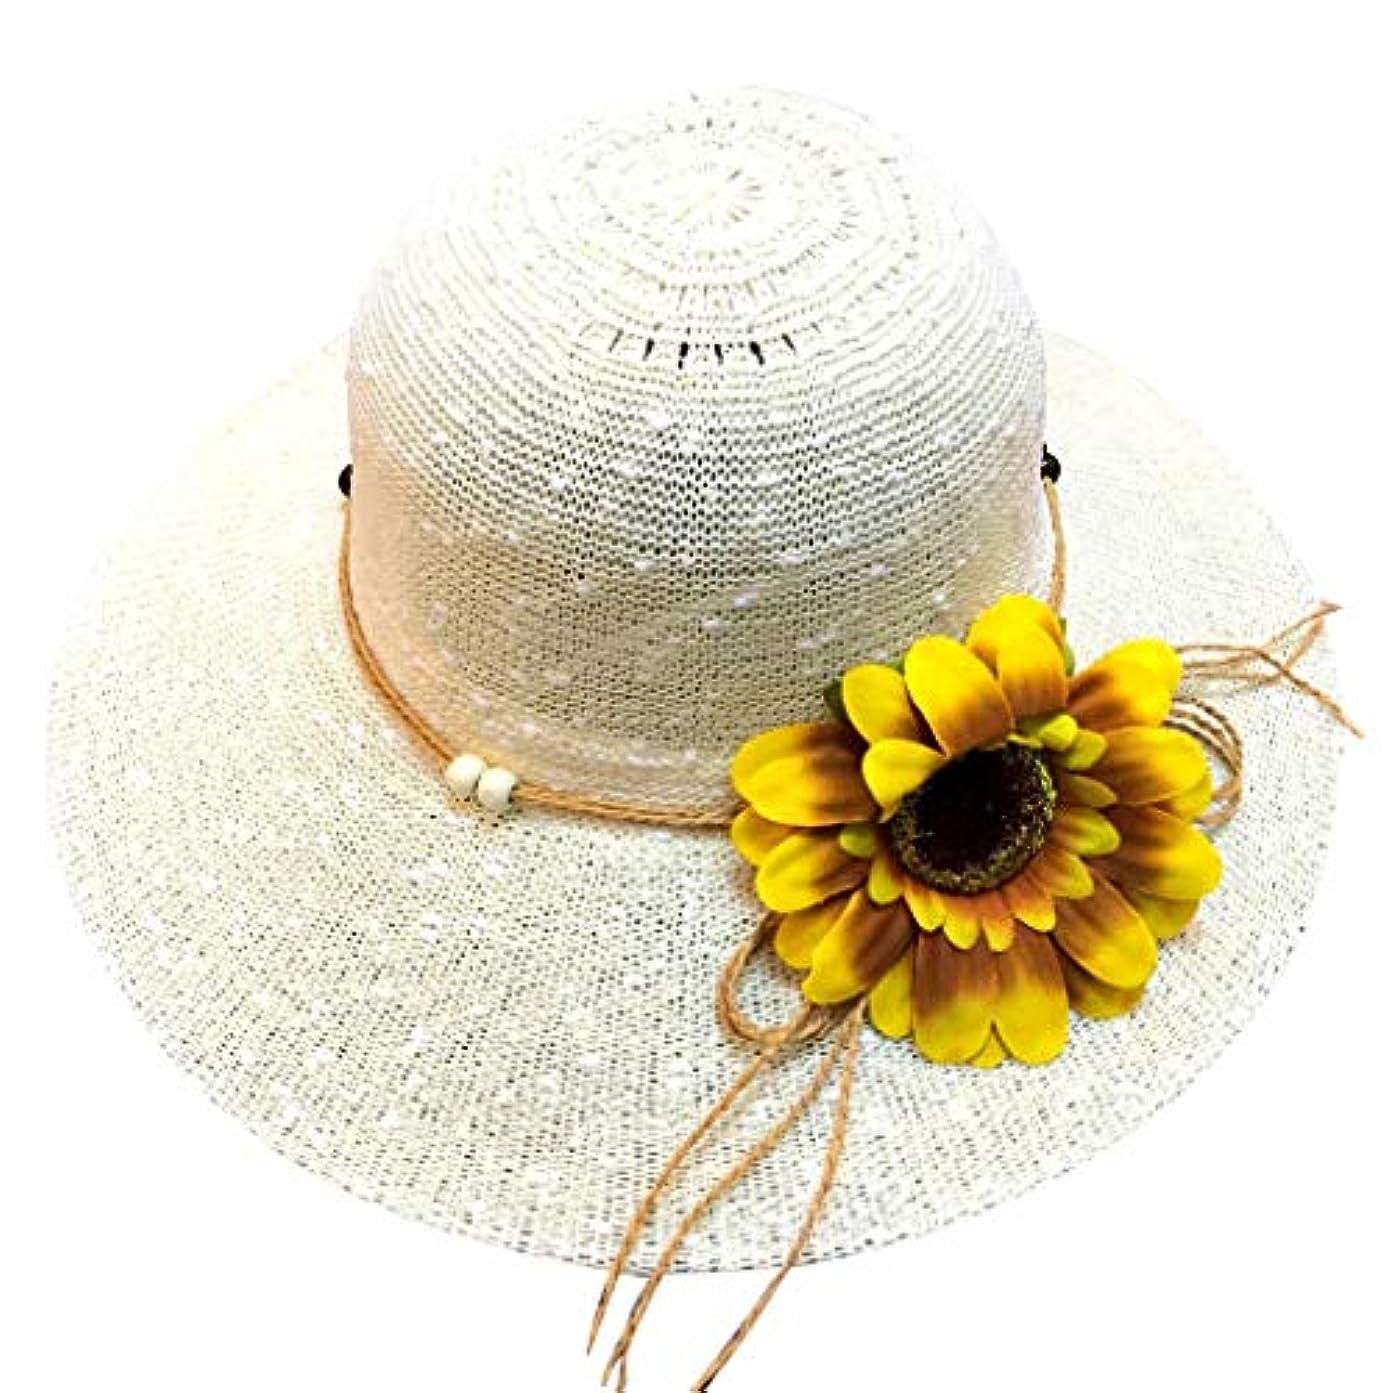 アレキサンダーグラハムベルインレイ愛する帽子 レディース アウトドア 夏 春 UVカット 帽子 ハット 漁師帽 日焼け防止 つば広 紫外線対策 大きいサイズ ひまわり 可愛い ハット 旅行用 日よけ 夏季 ビーチ 無地 ハット レディース 女性 ROSE ROMAN